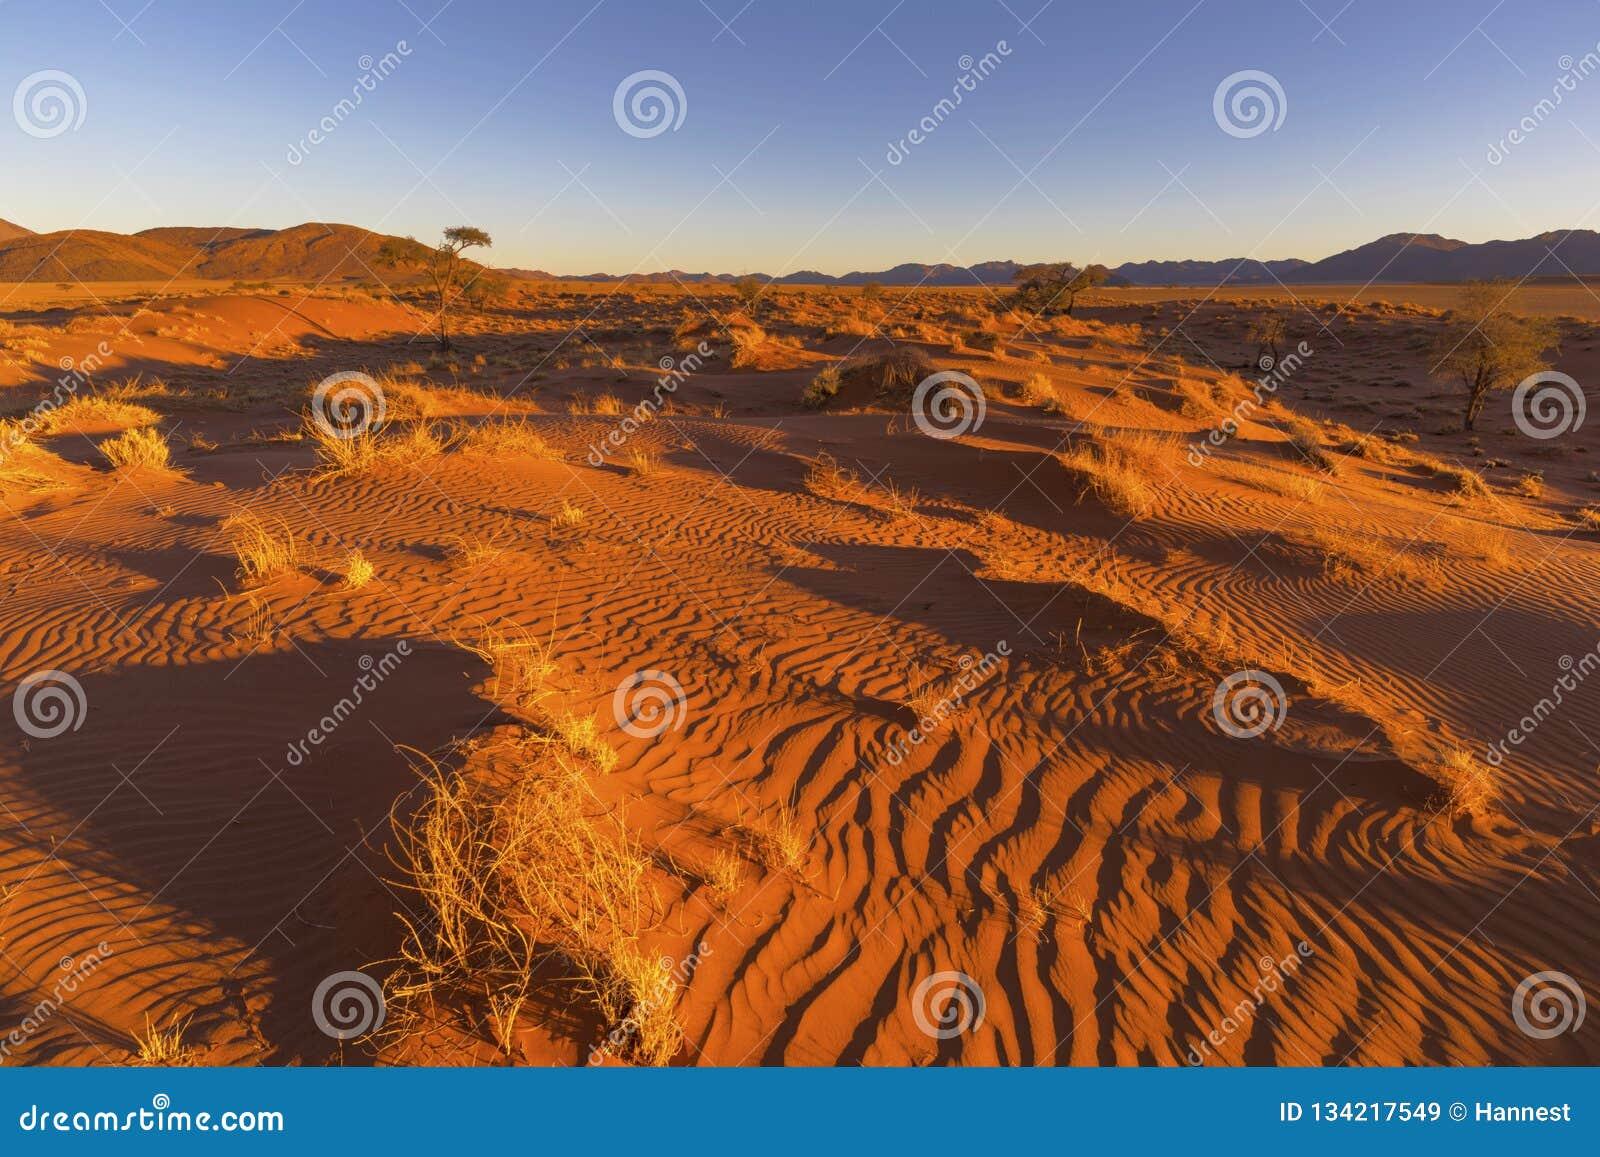 Droog geel gras en wind geveegde patronen in het zand